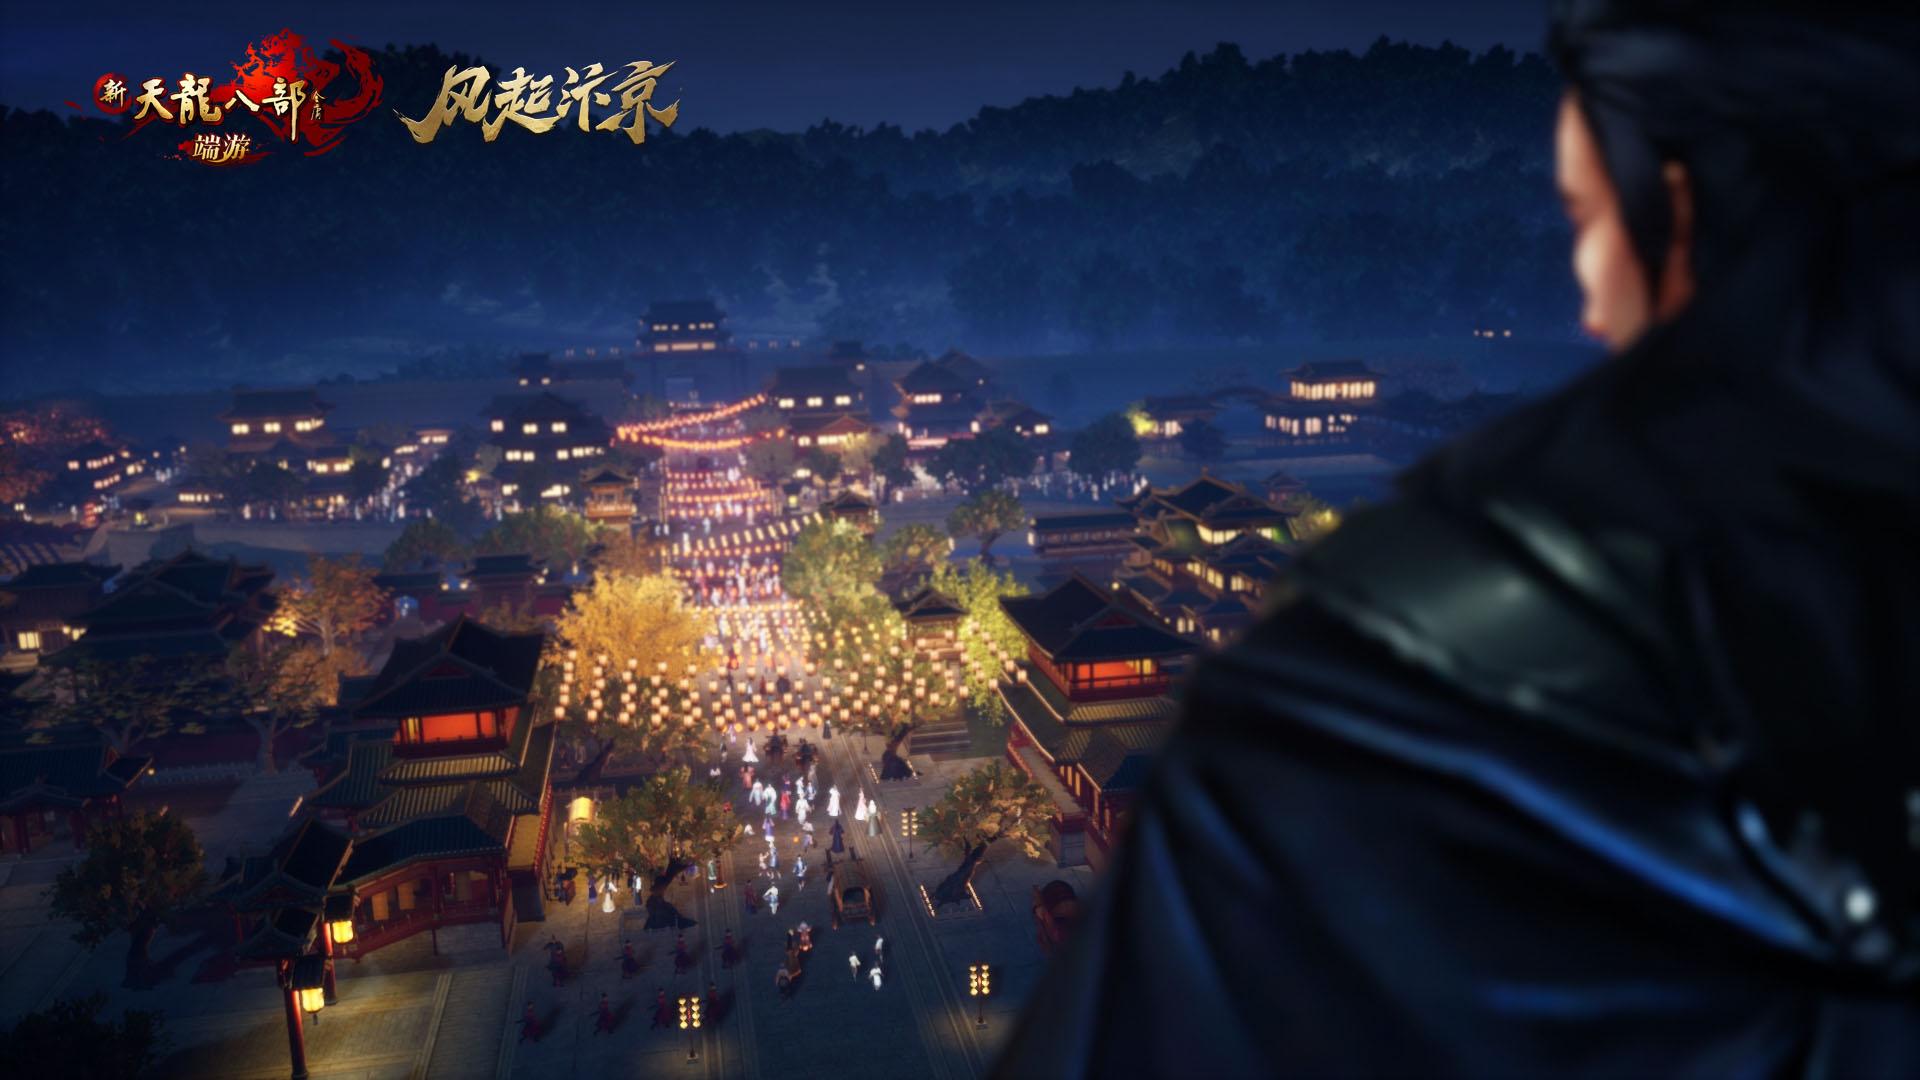 史上最大主城曝光!《新天龙八部》年度资料片风起汴京今日揭晓